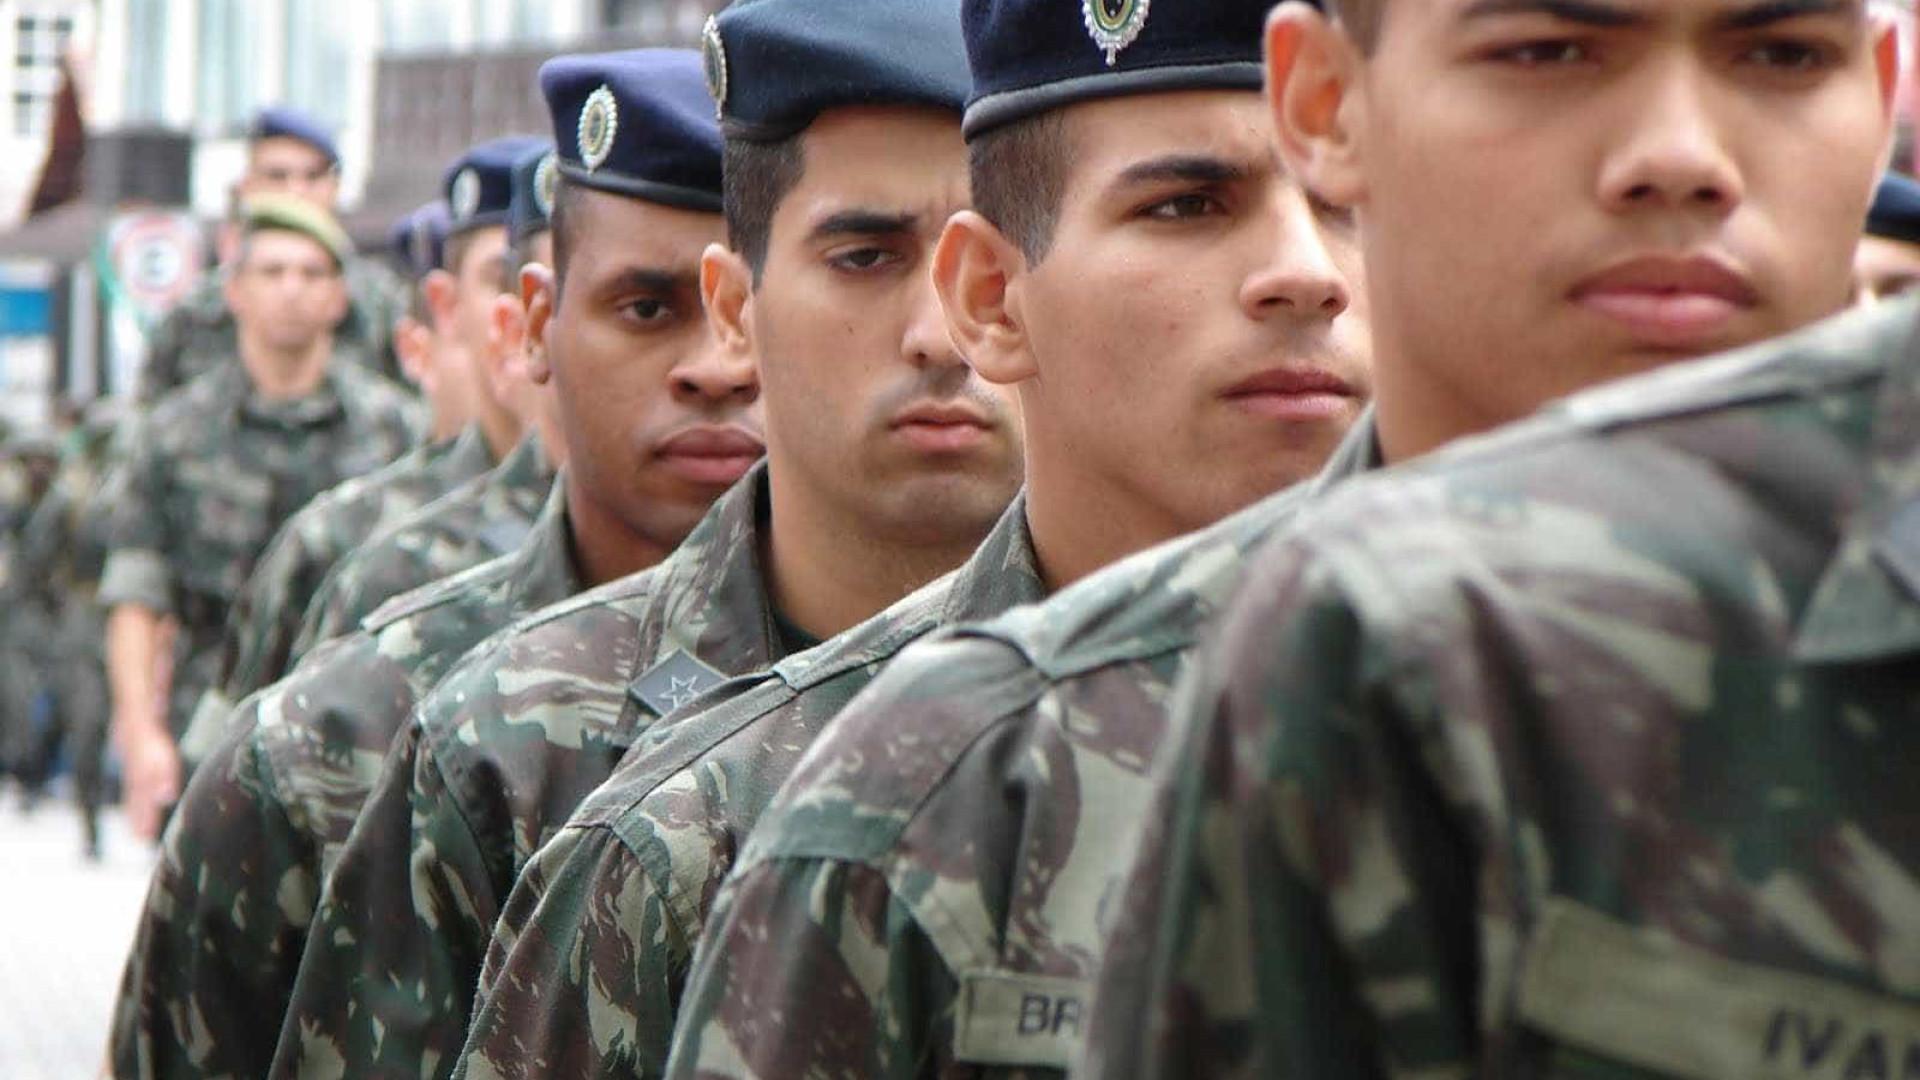 Alistamento militar começahojee vai até o fimde junho